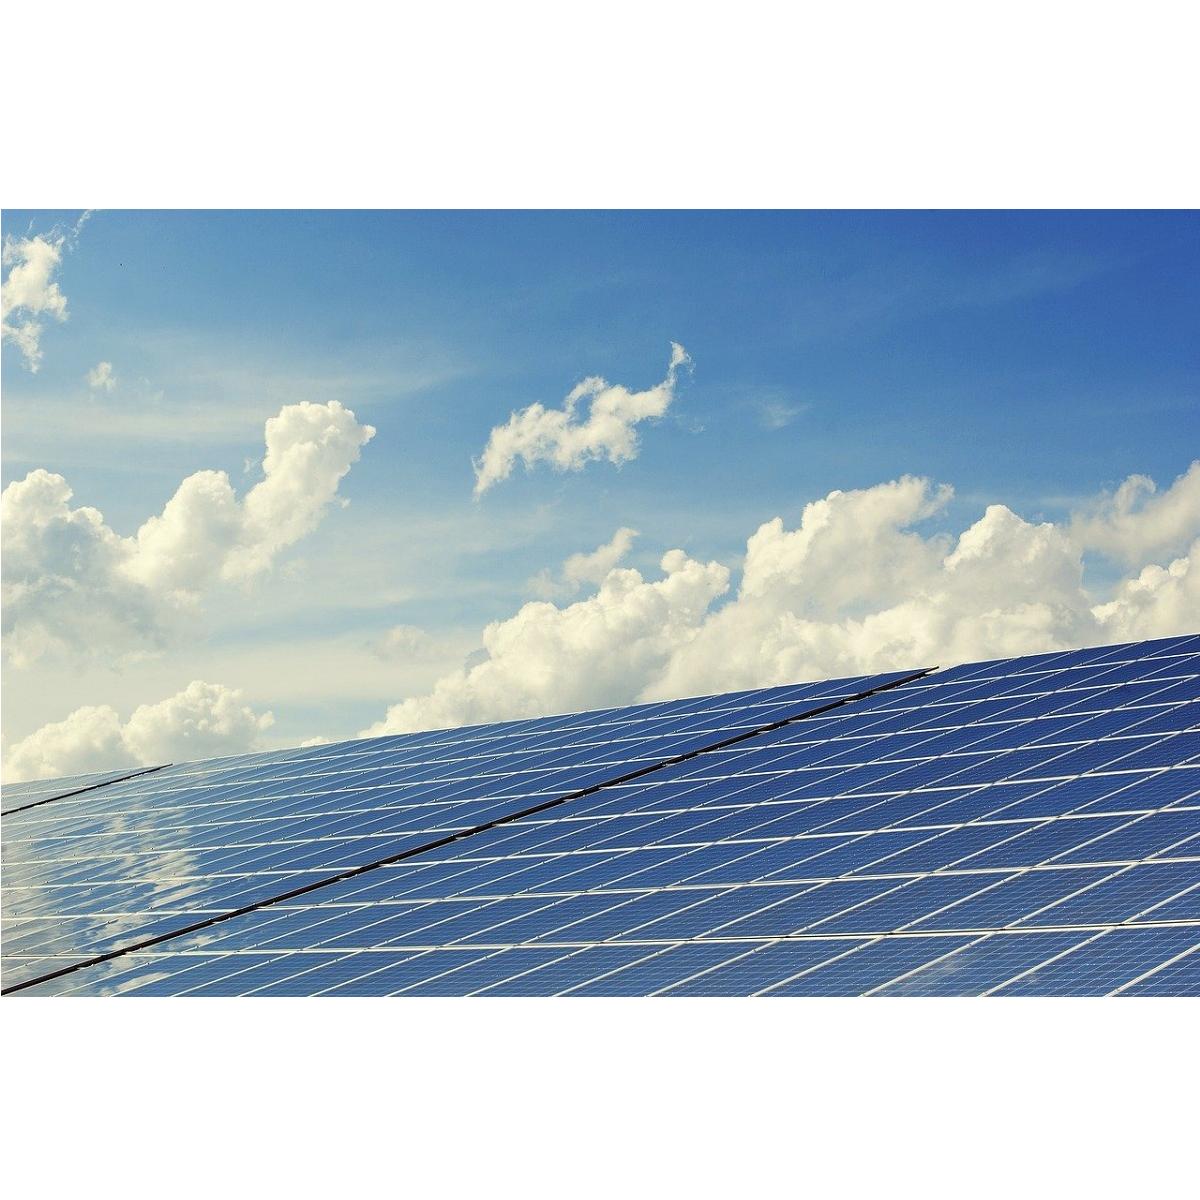 Scienziati hanno sviluppato nuove celle fotovoltaiche più efficienti